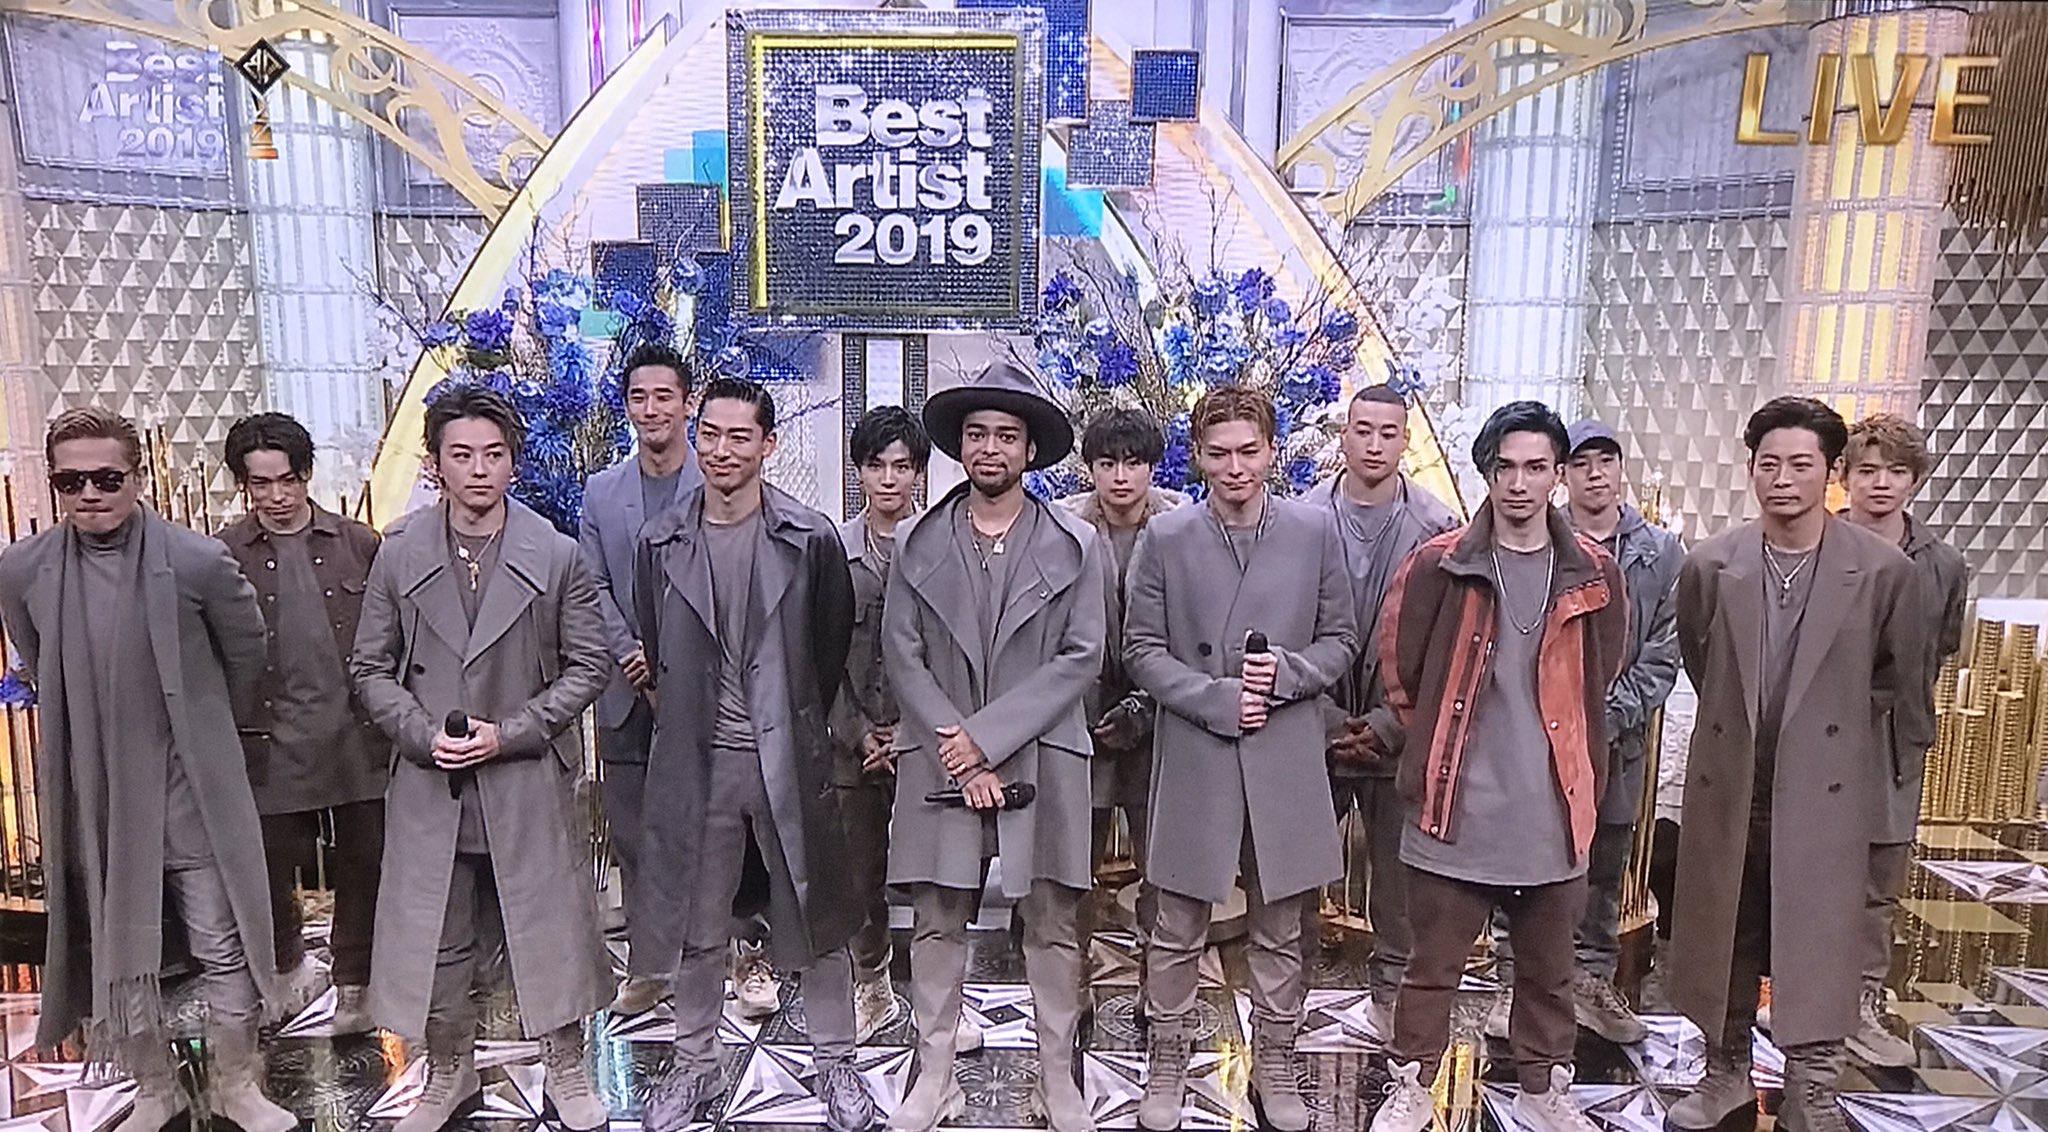 ベスト ヒット アーティスト 2019